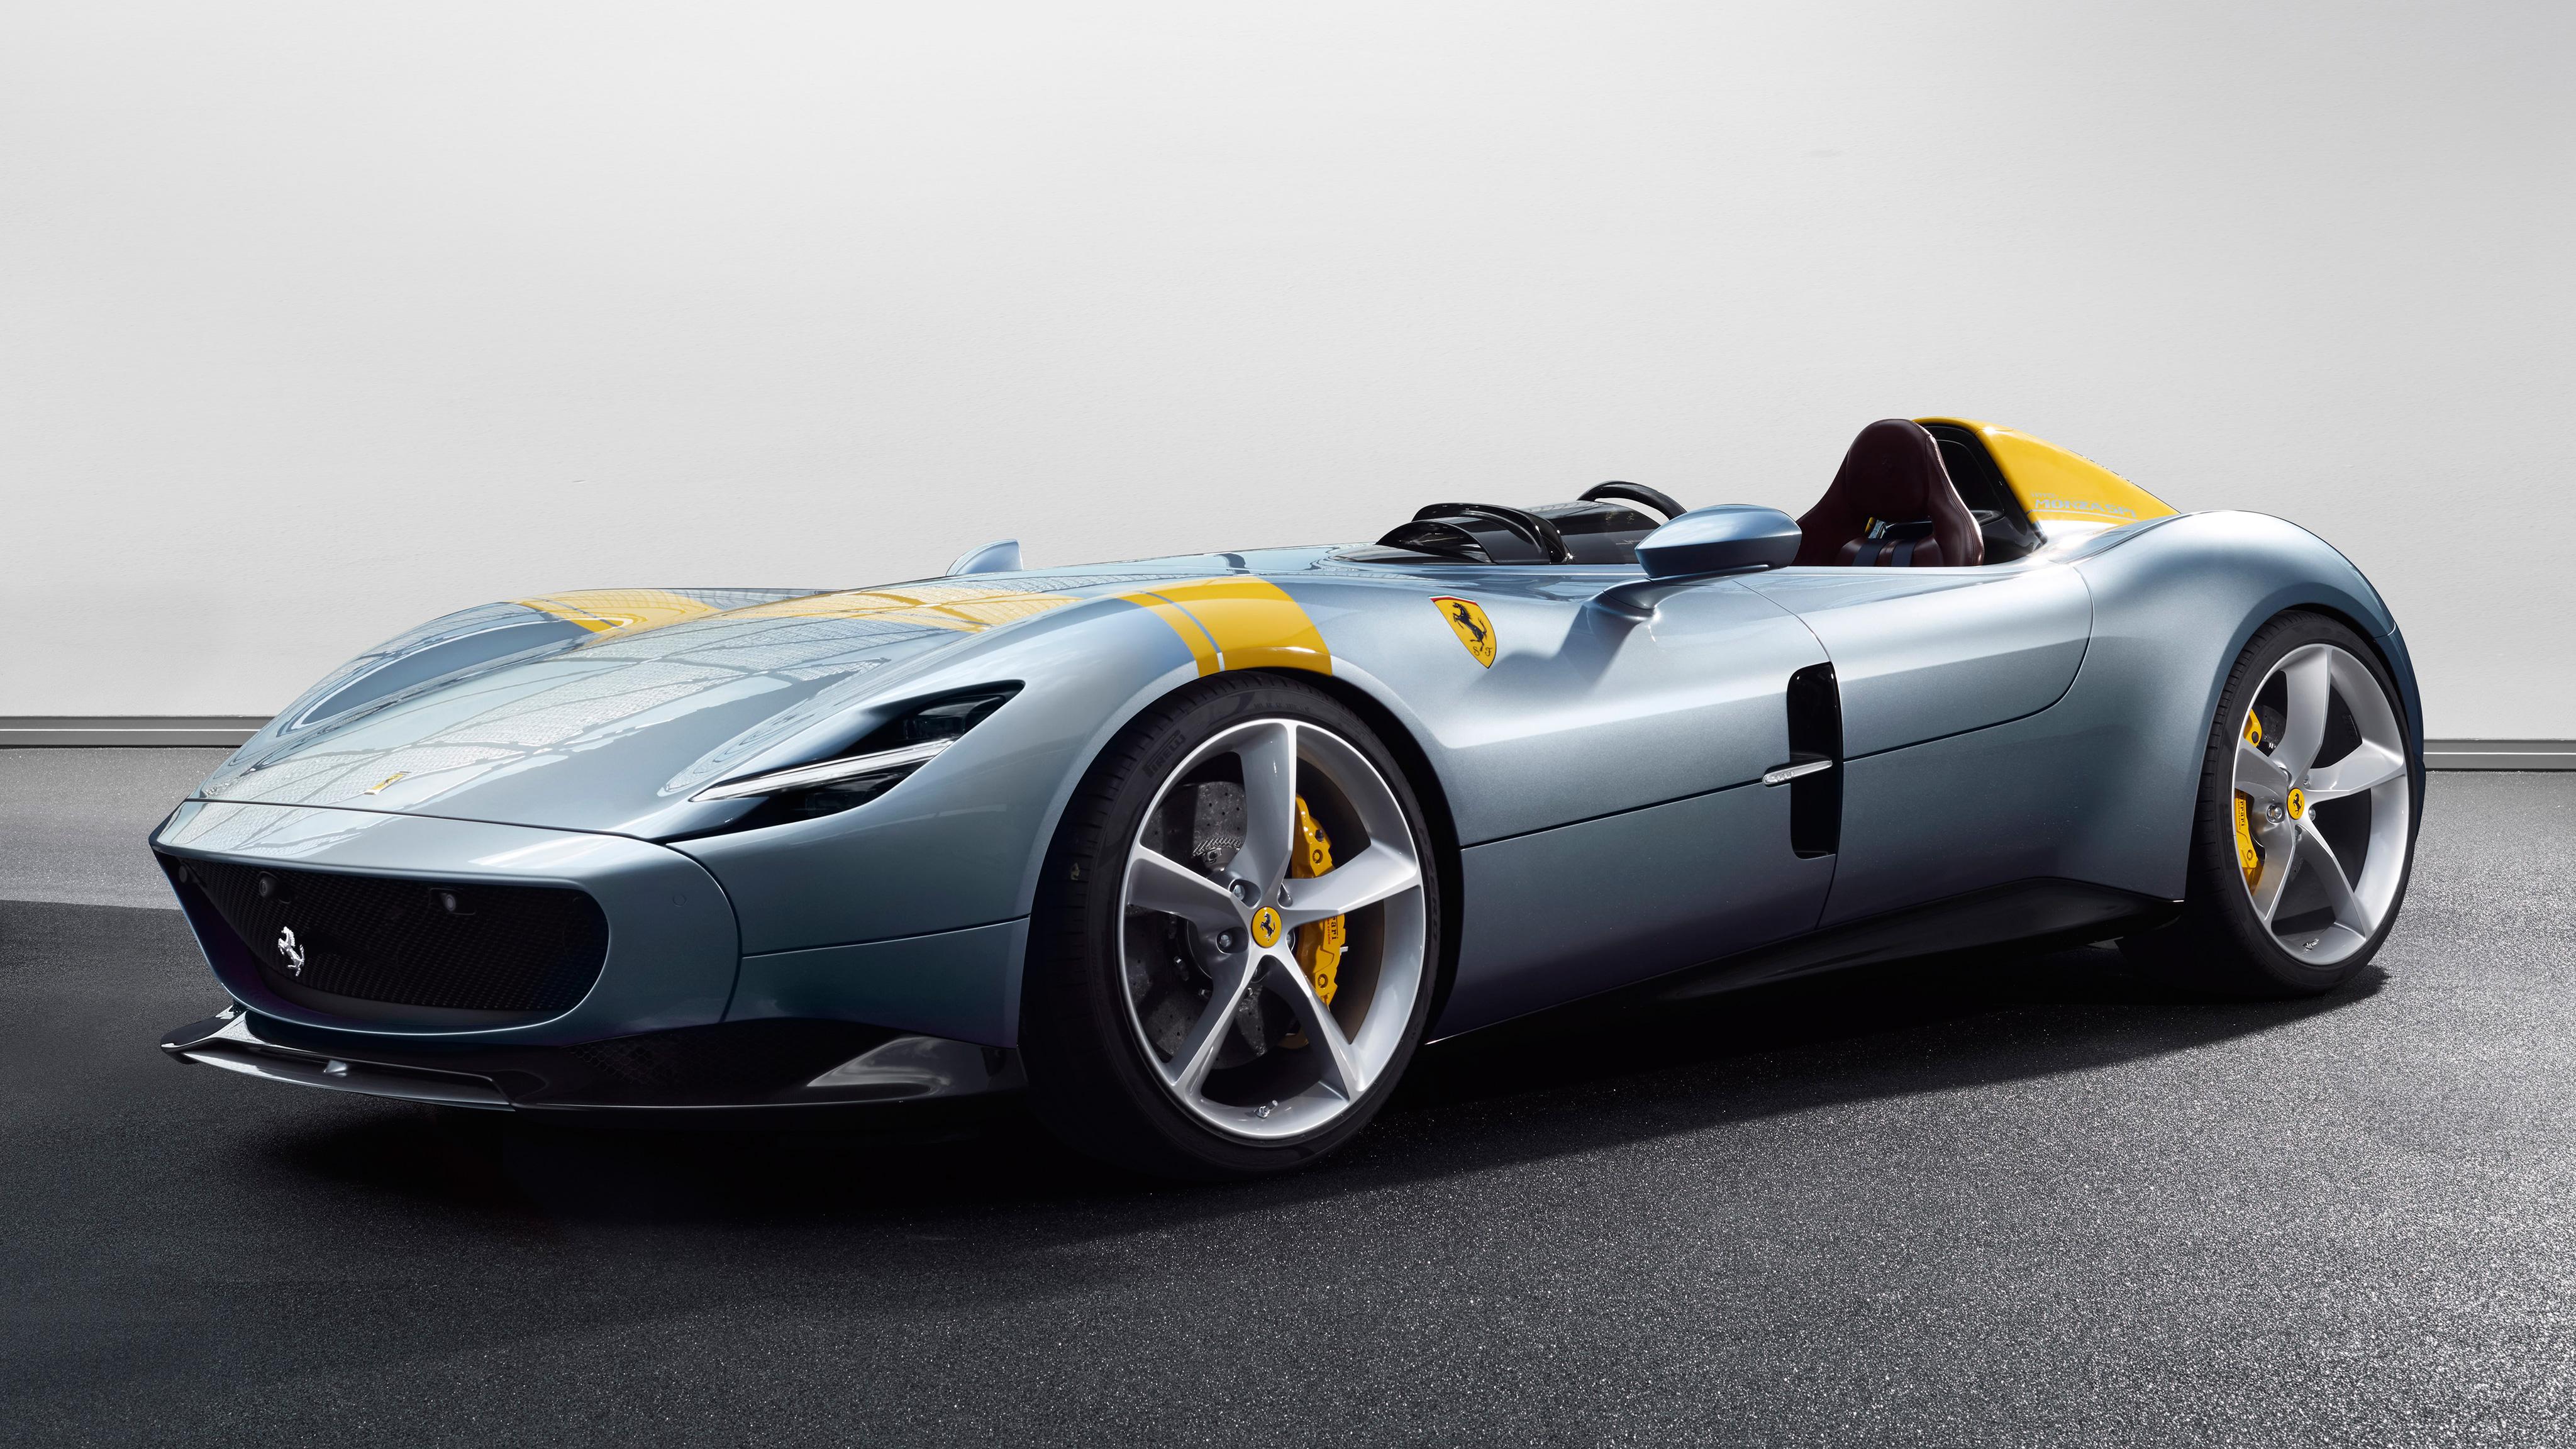 Ferrari Vespa For Sale / Vespa Scooter Vintage Vbb Fully